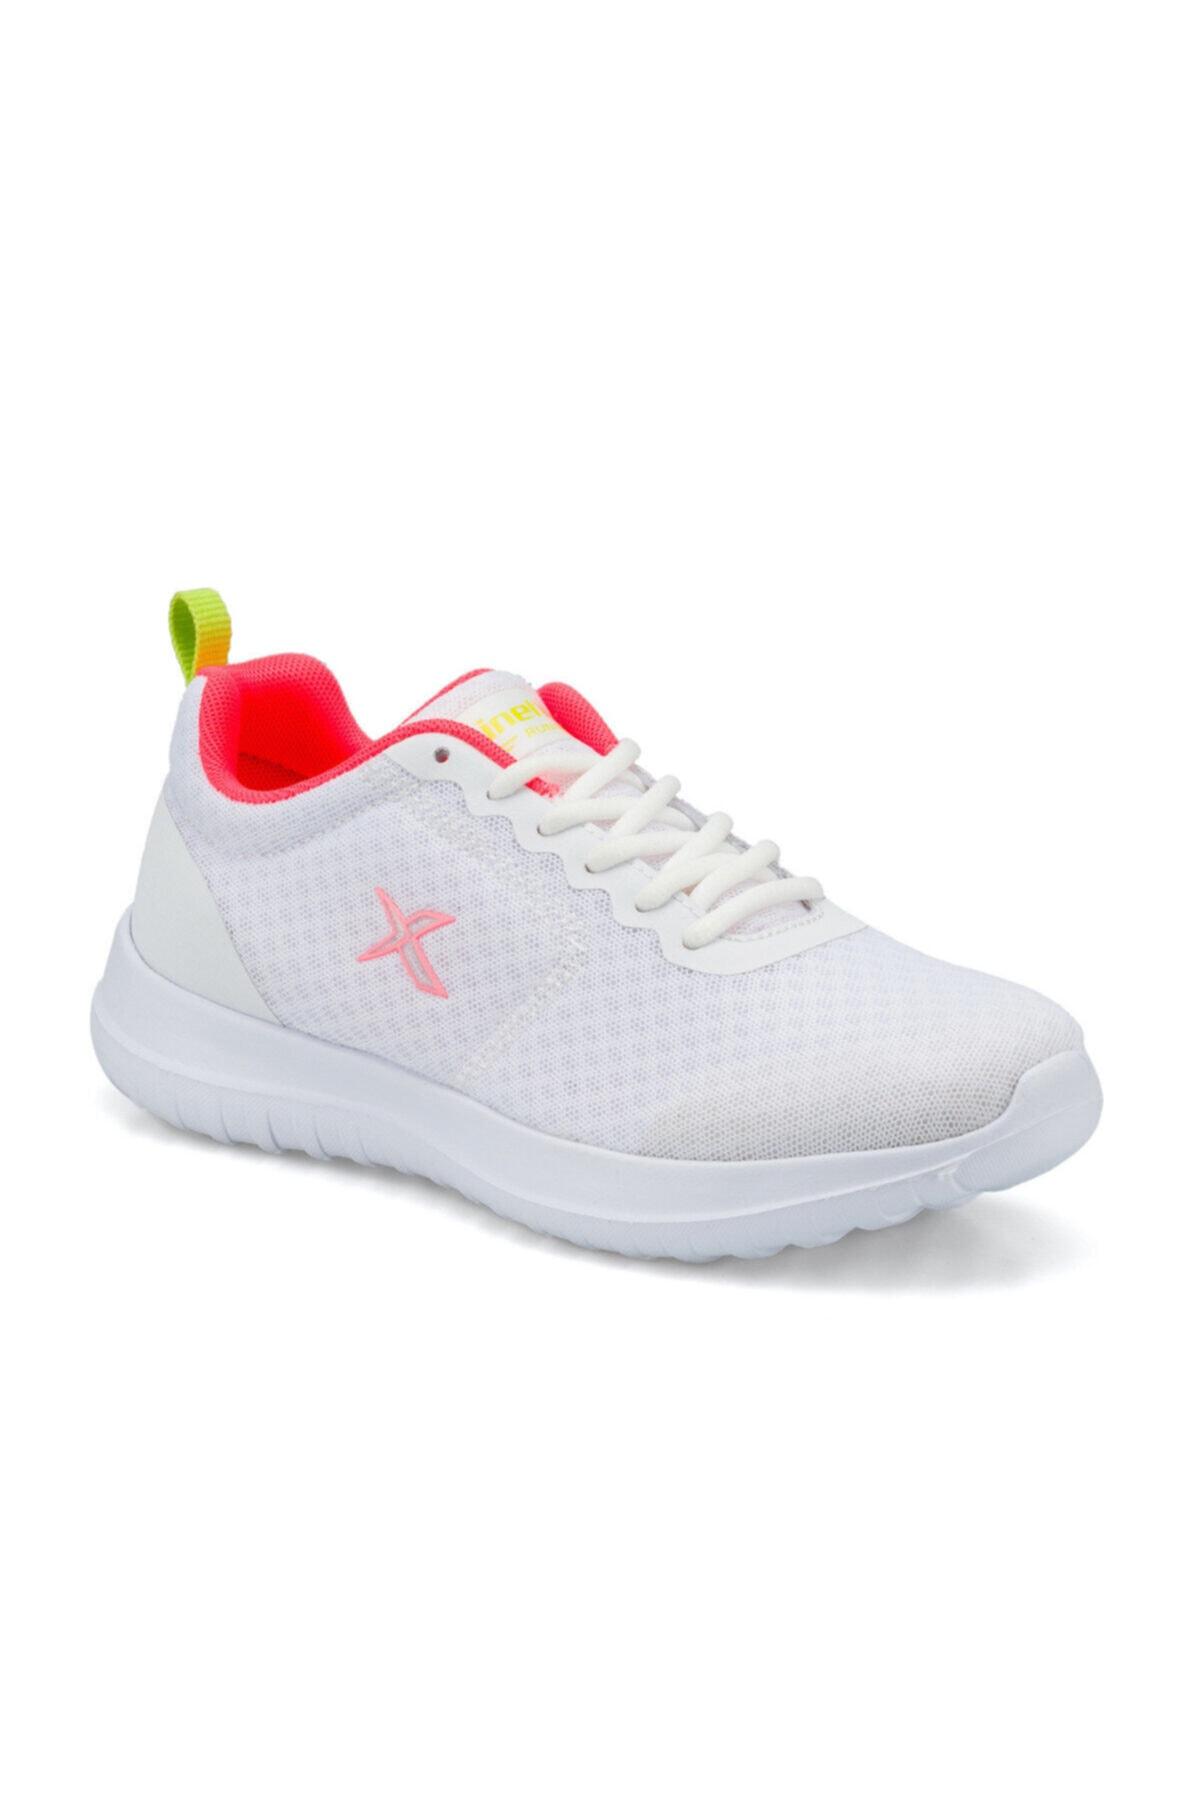 خرید اینترنتی کفش مخصوص پیاده روی زنانه برند کینتیکس kinetix کد ty52360851